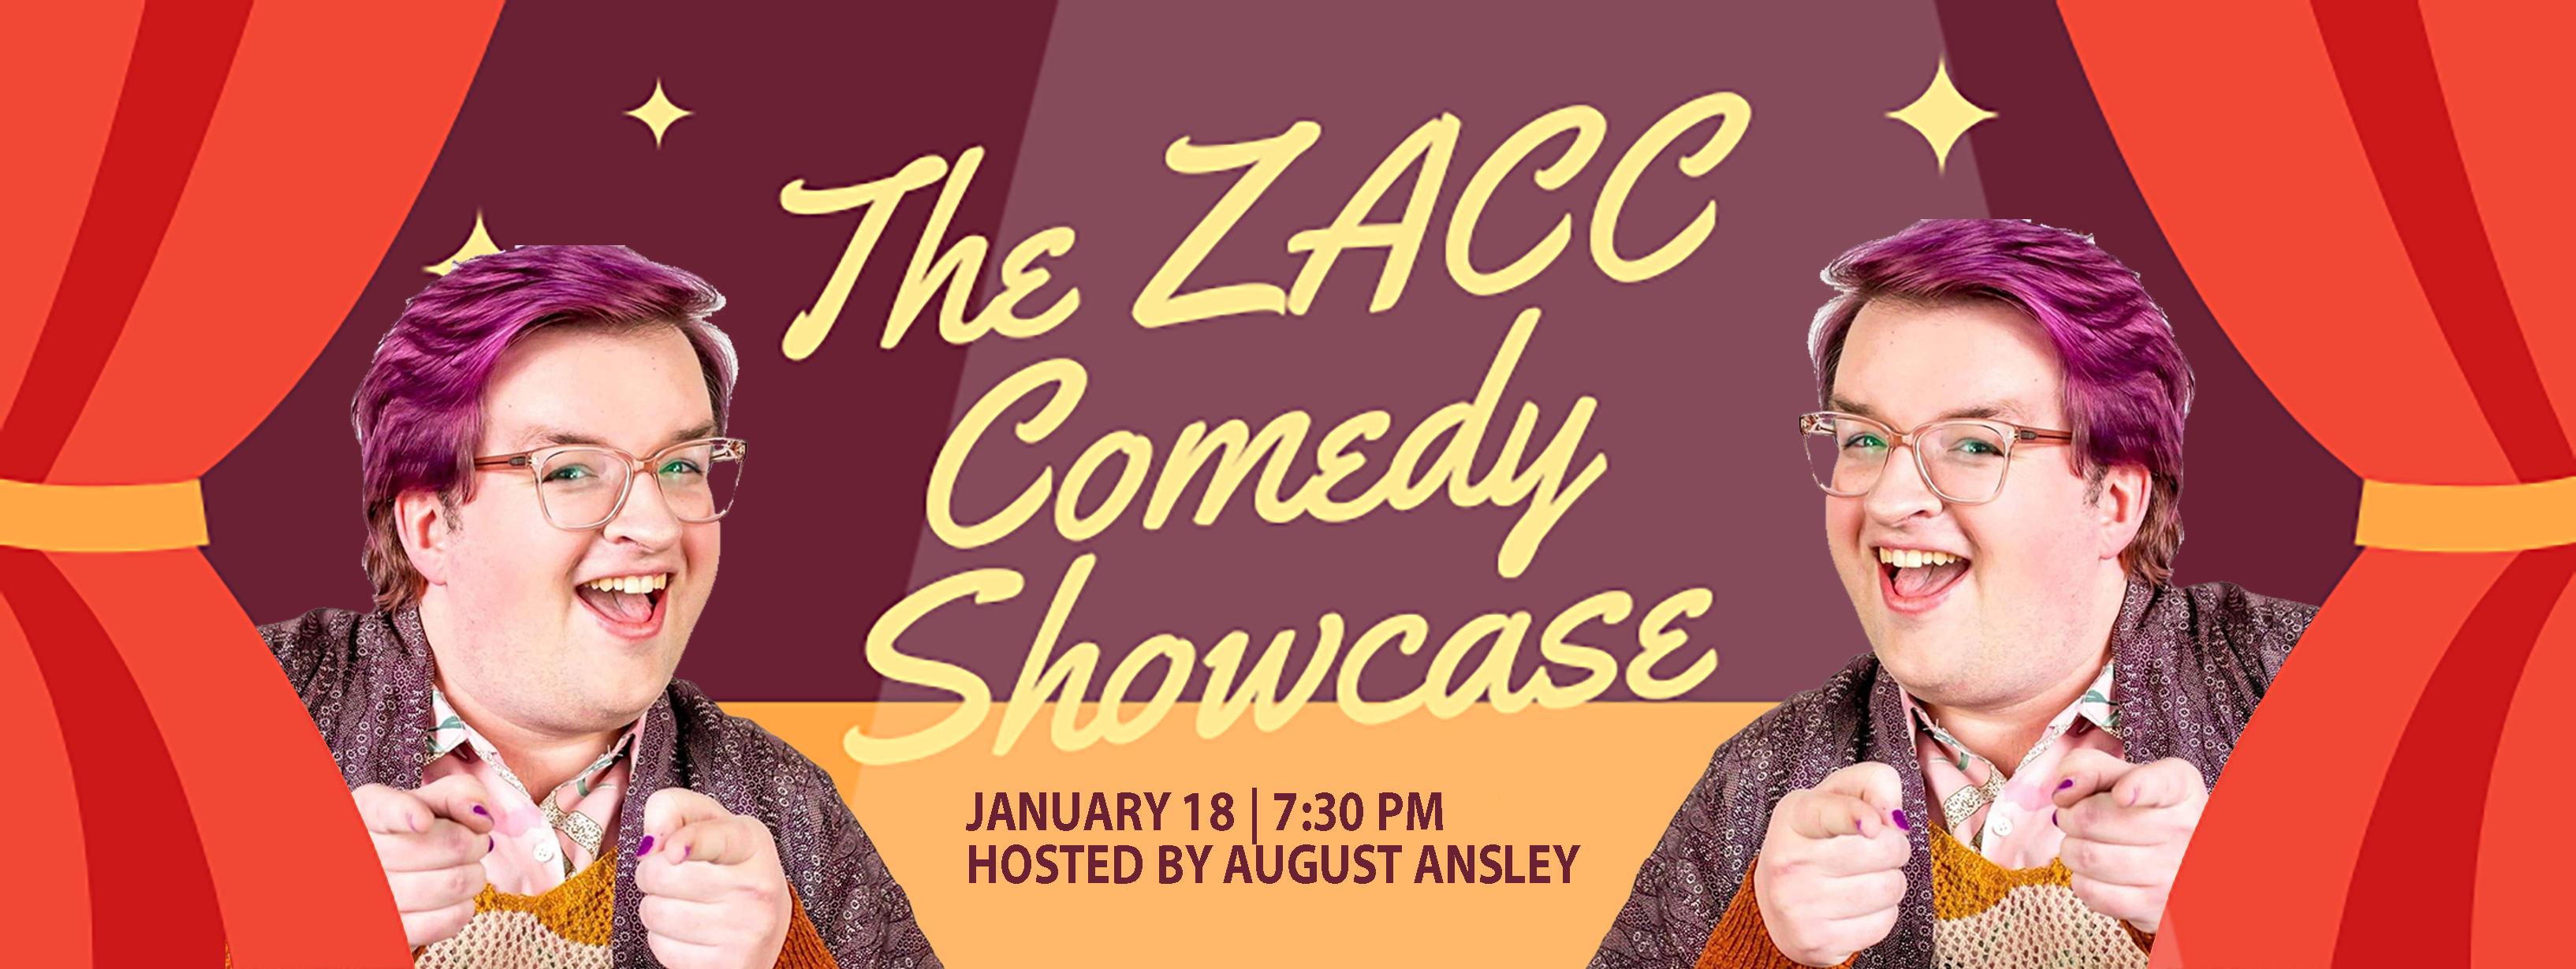 ZACC Comedy Showcase